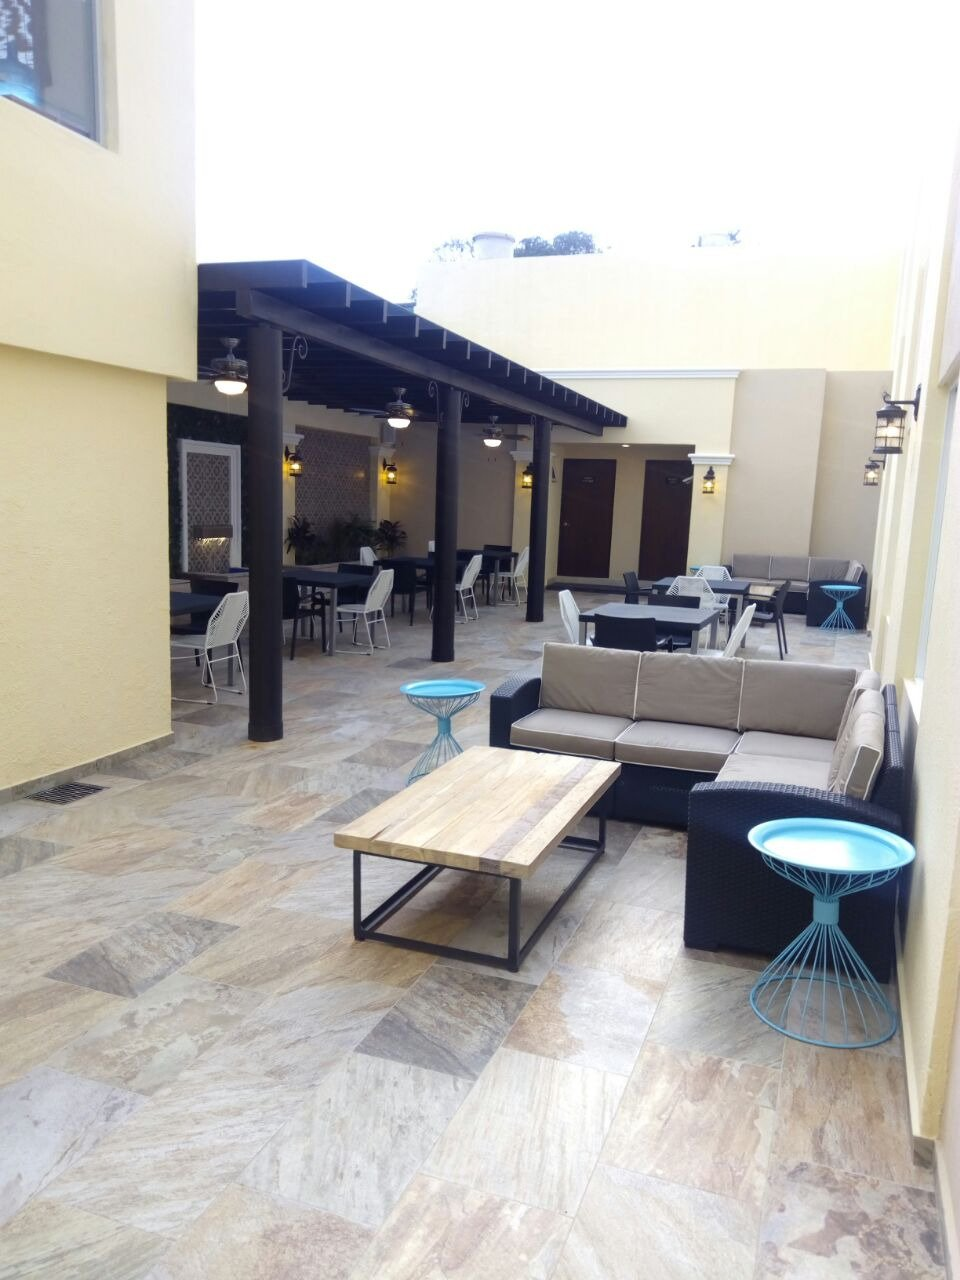 Foto de Hotel The Inn at Centro Histórico Mazatlán